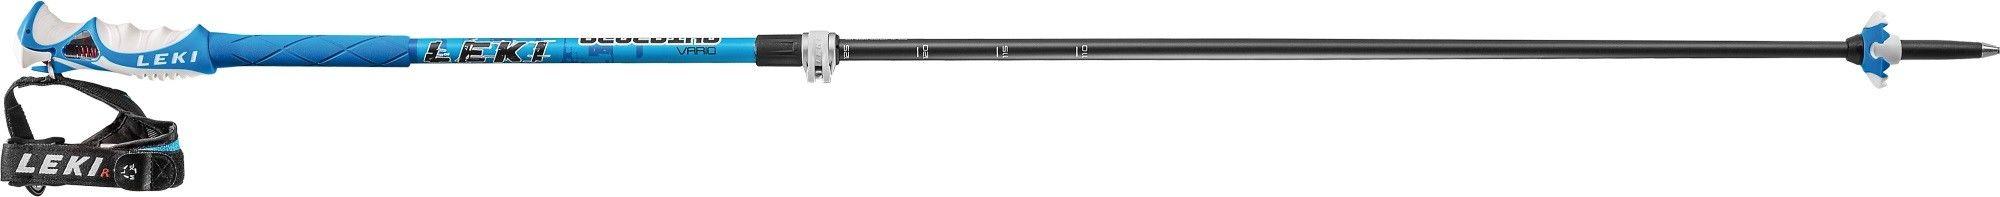 Leki Blue Bird Vario S | Größe 110 - 140 cm |  Ski- & Tourenstock